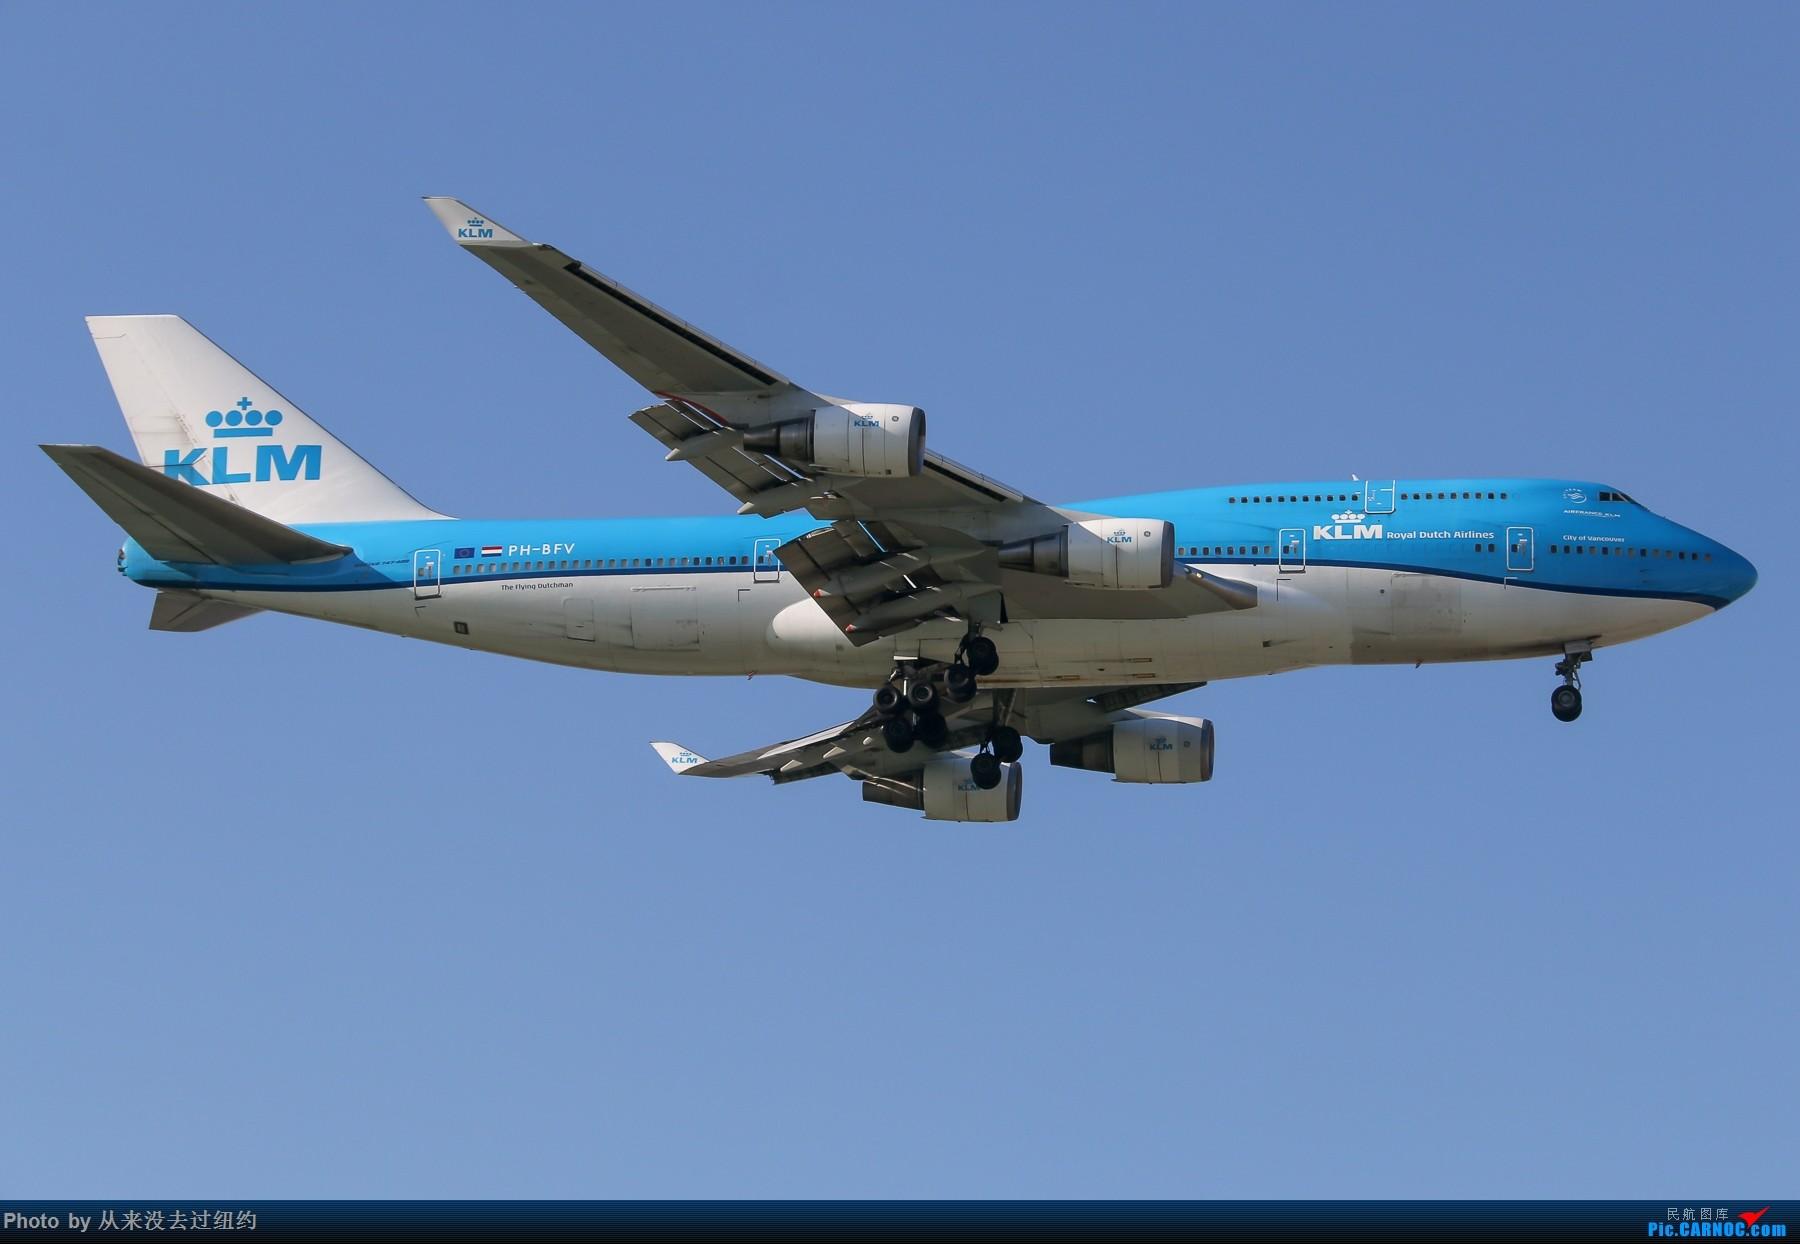 [原创]荷兰744 PEK 36L 落地 BOEING 747-400 PH-BFV 中国北京首都国际机场